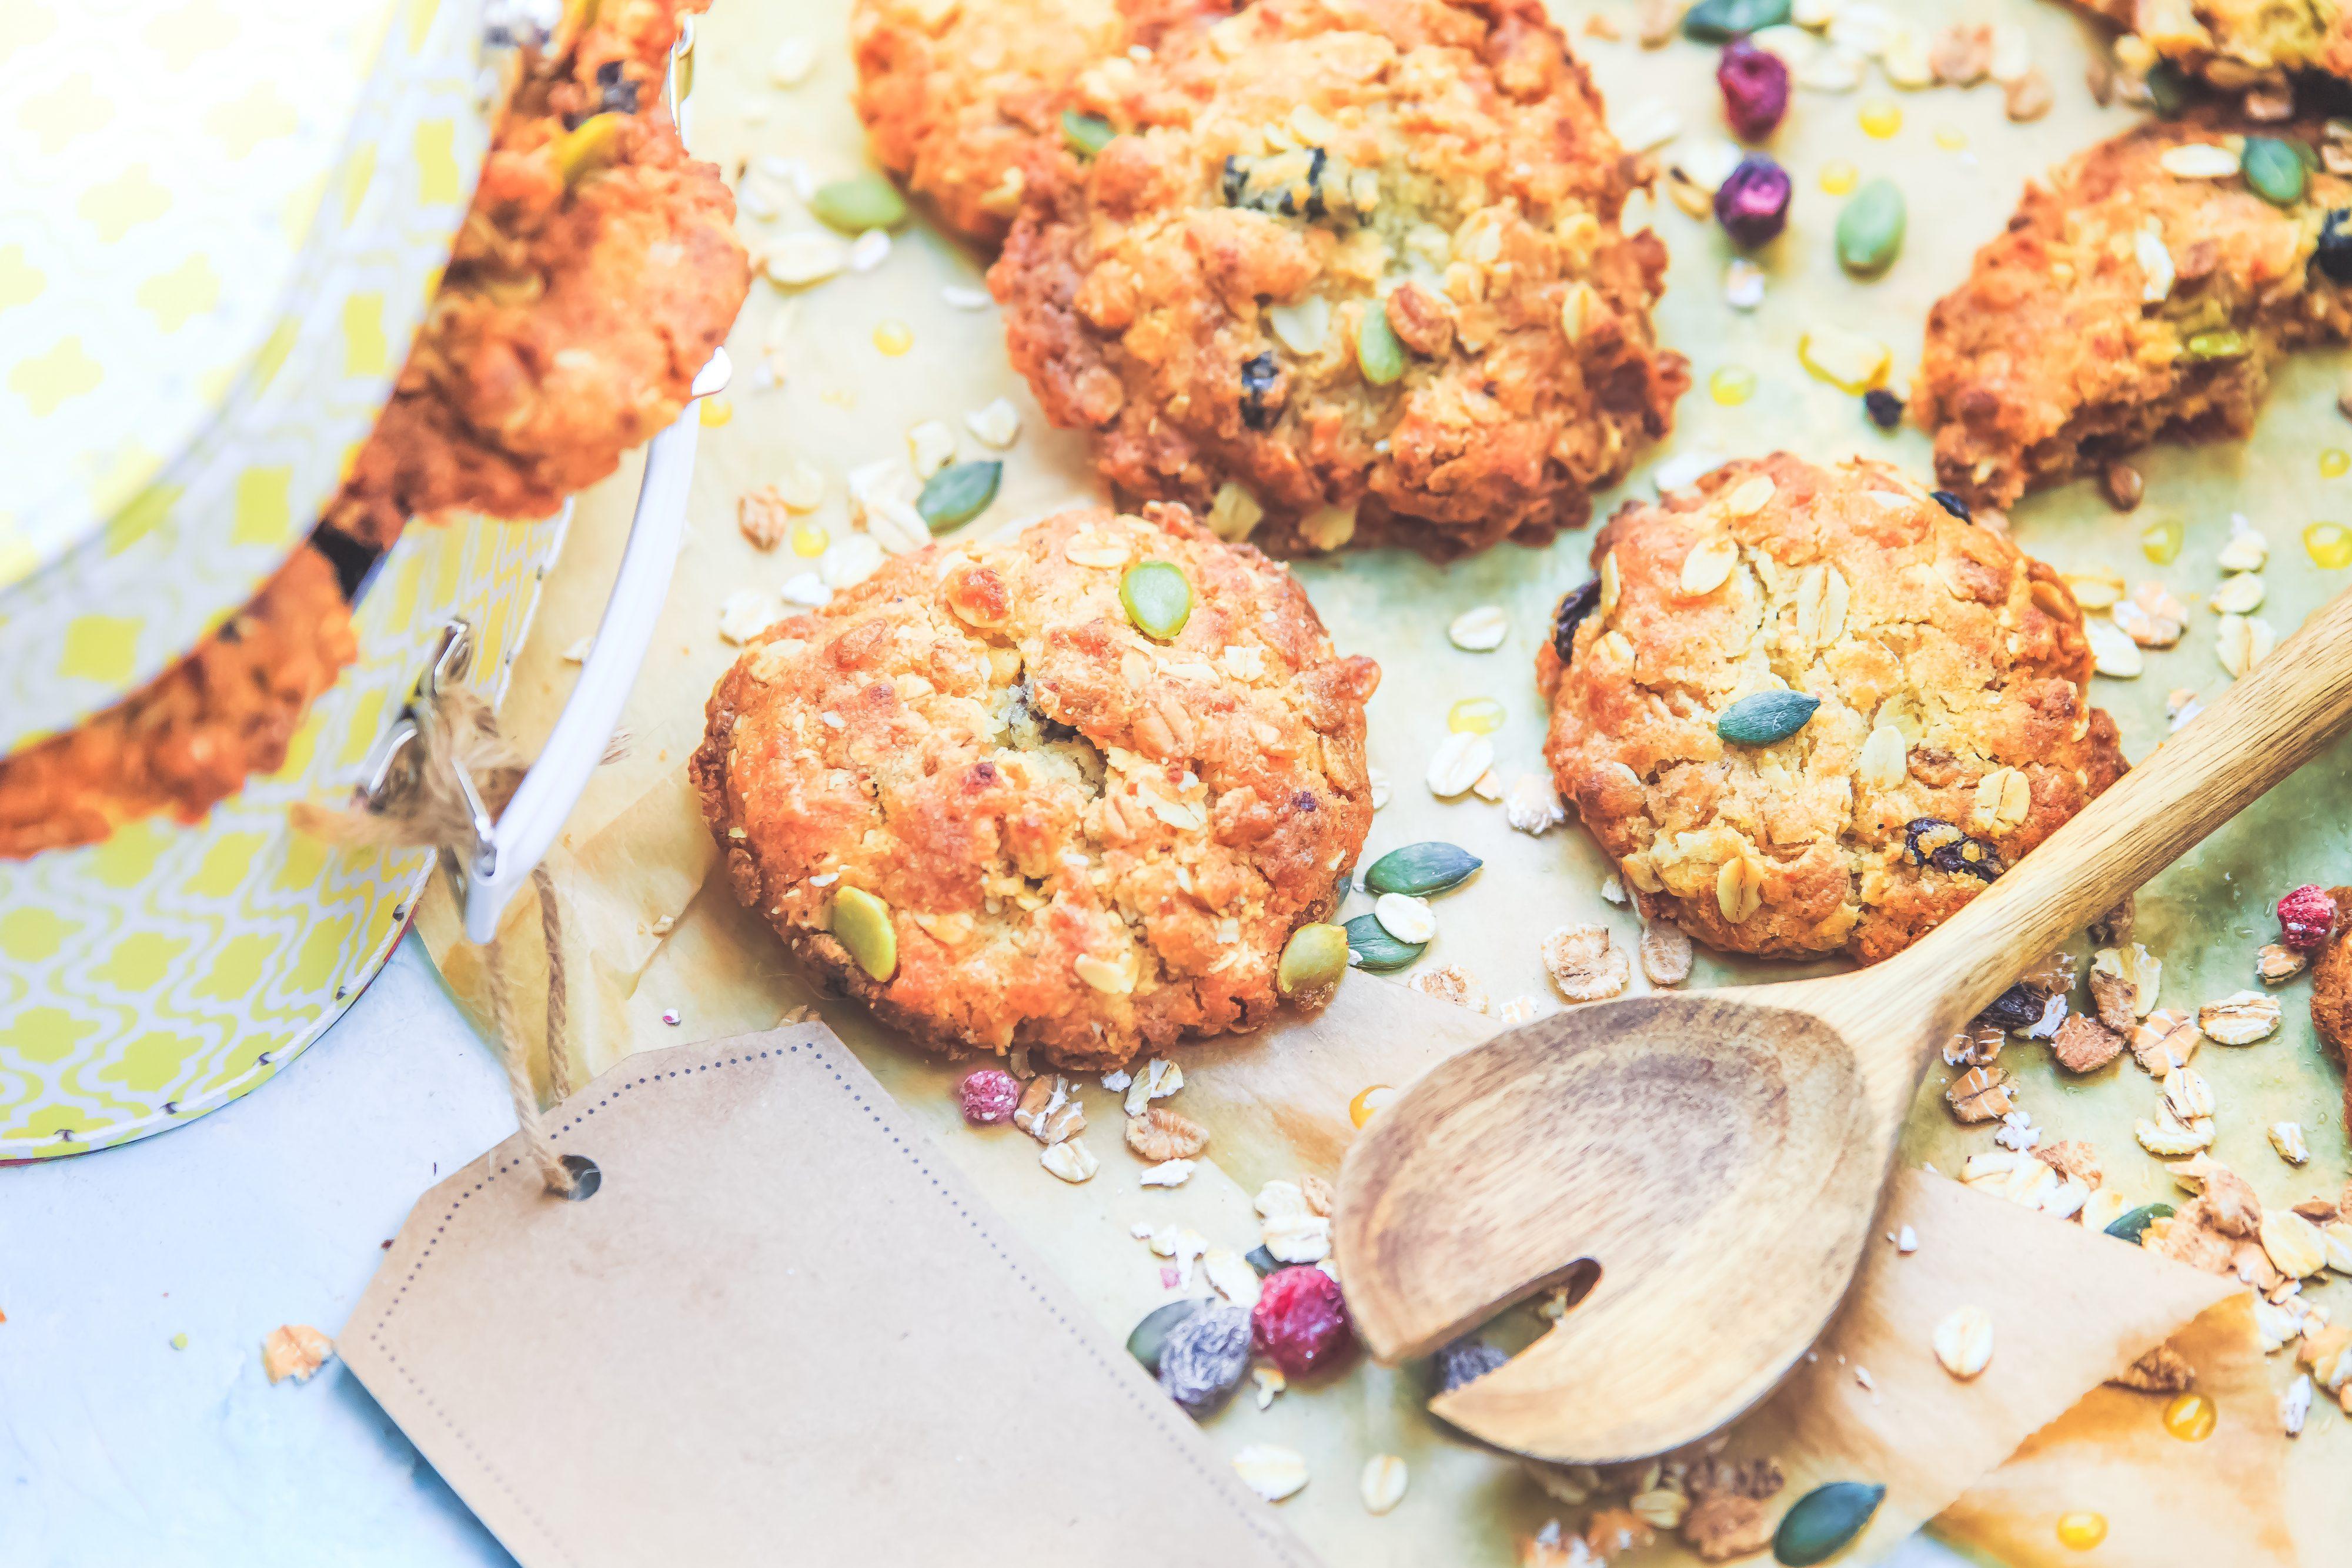 Recette facile Cookies croustillants au muesli et miel, photographe culinaire